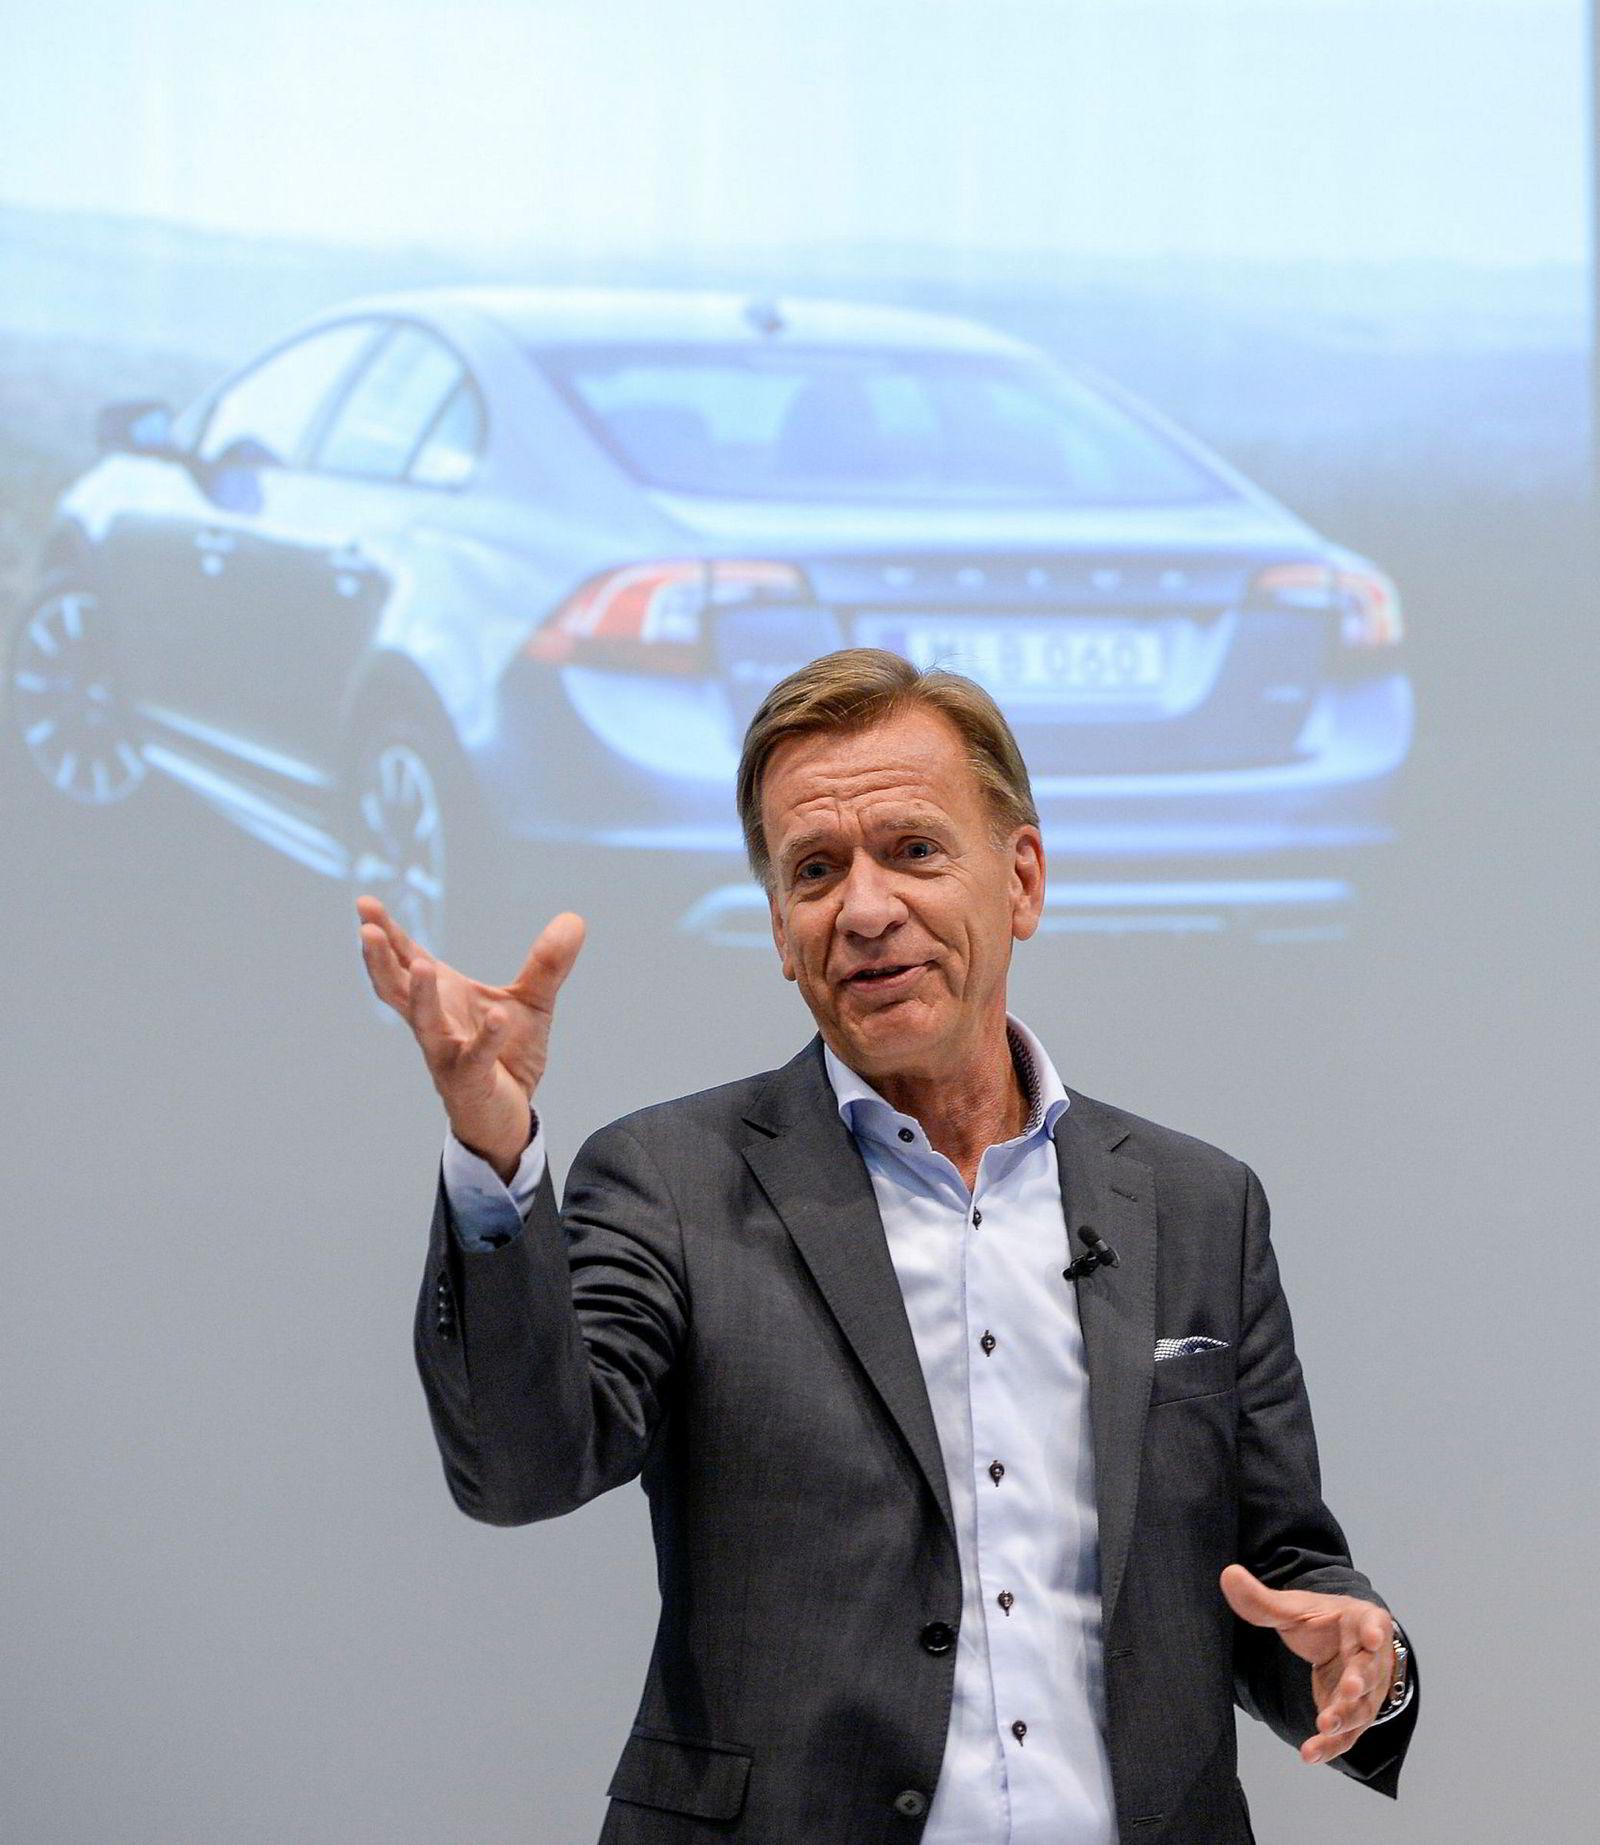 Konsernsjef Håkan Samuelsson i Volvo sier seg svært fornøyd med Volvos sterke resultater.